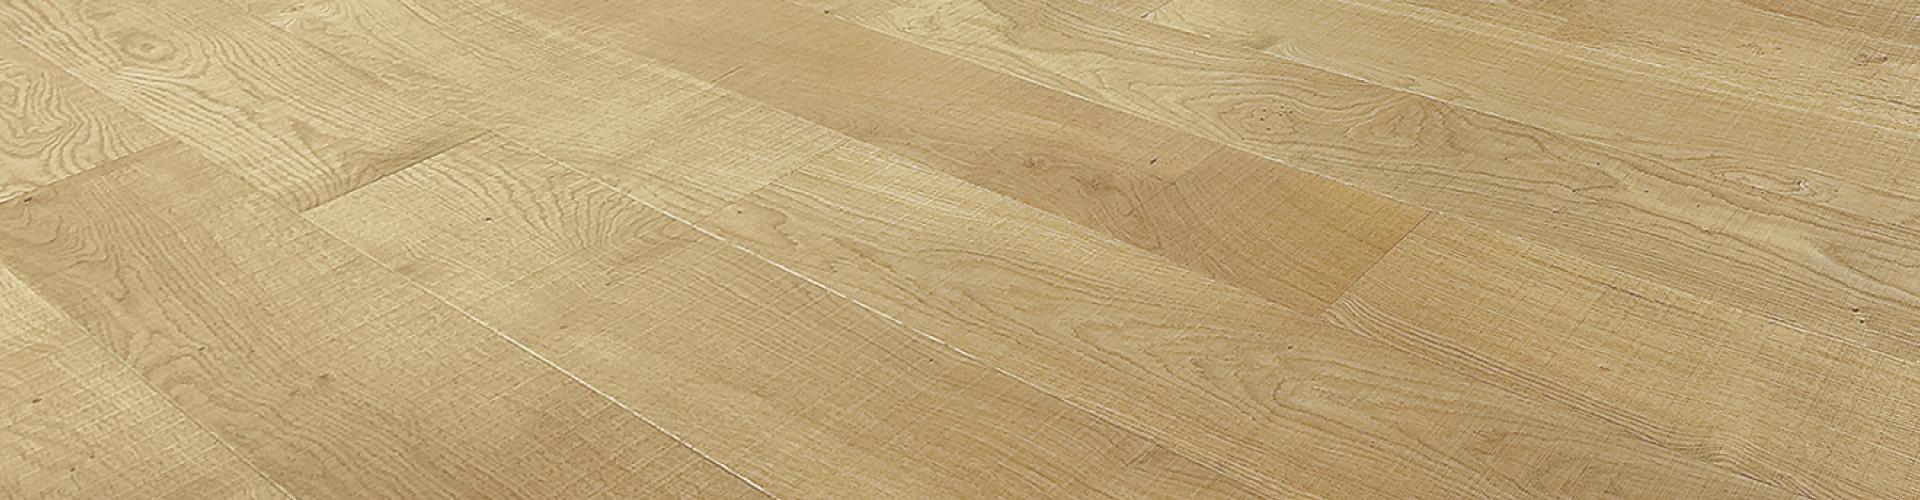 Pavimenti in legno di Rovere  Garbelotto